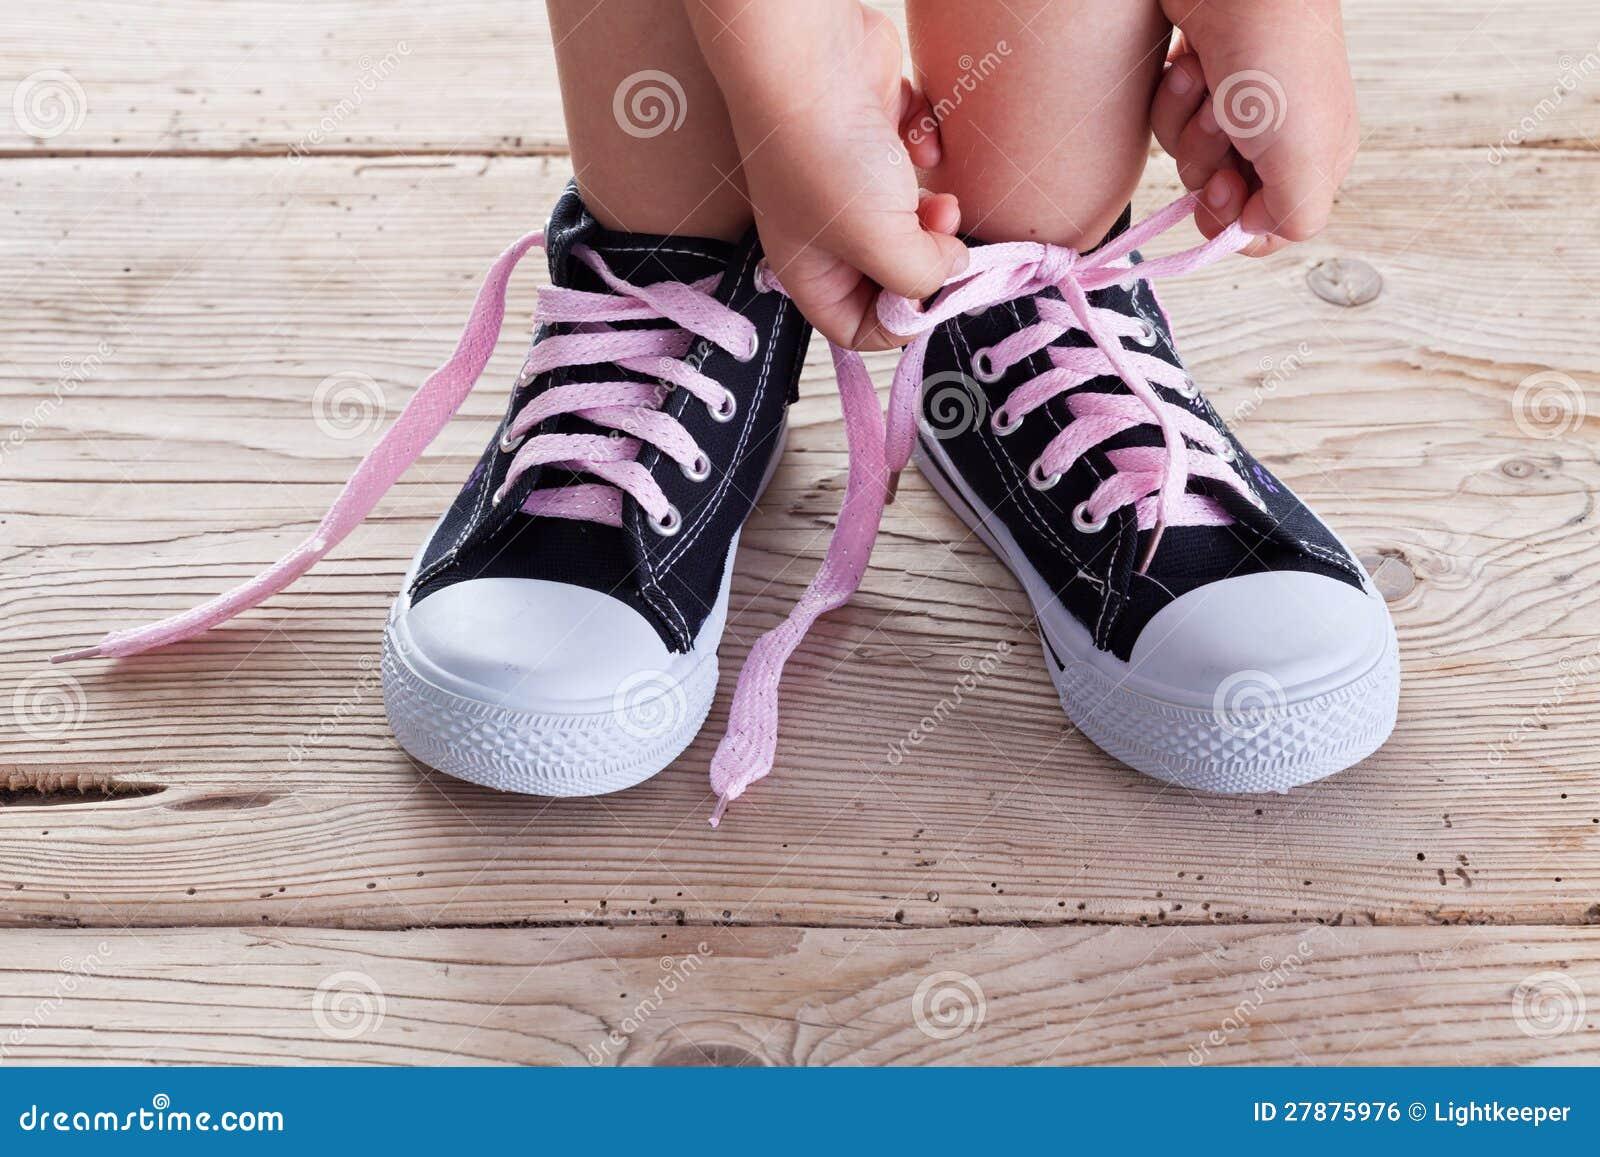 Dziecko ręki wiążą koronka obuwiane koronki